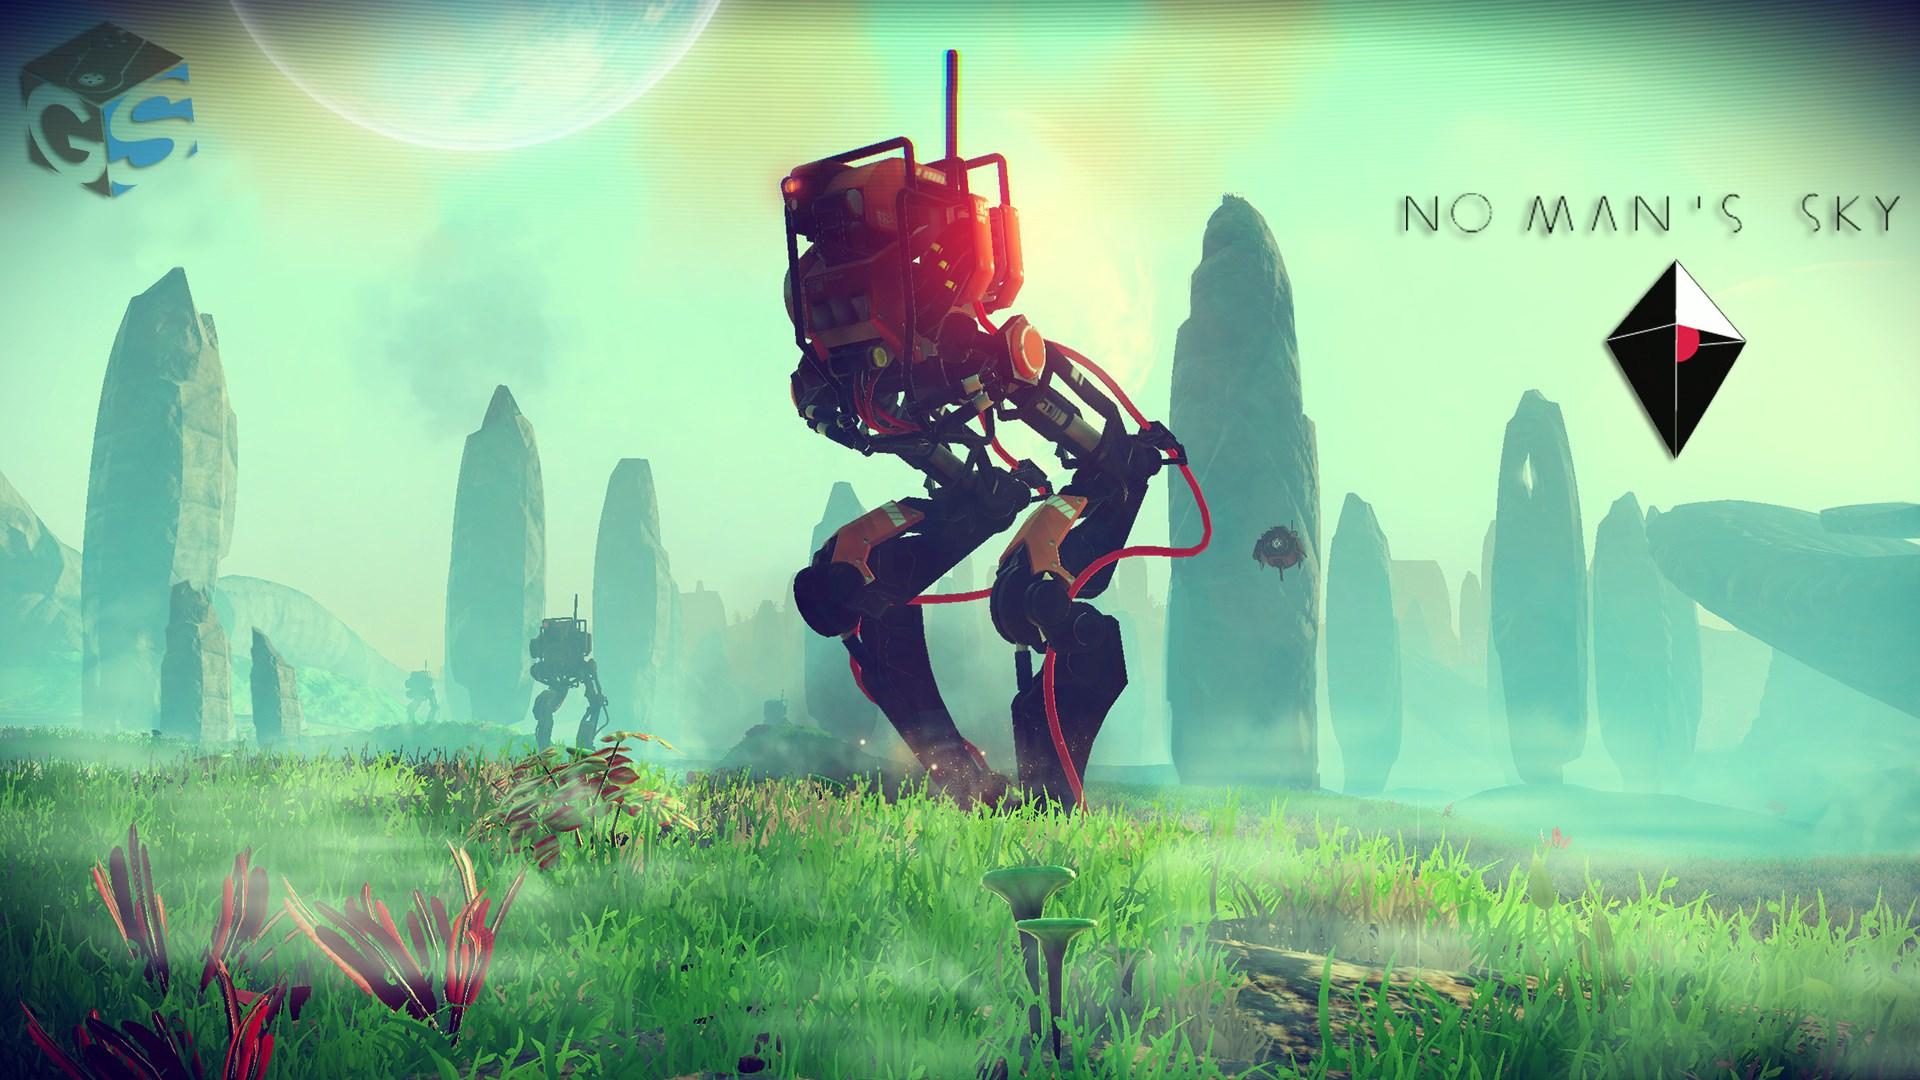 Εξελίξεις γύρω από το No Man's Sky Nomanssky-gs1